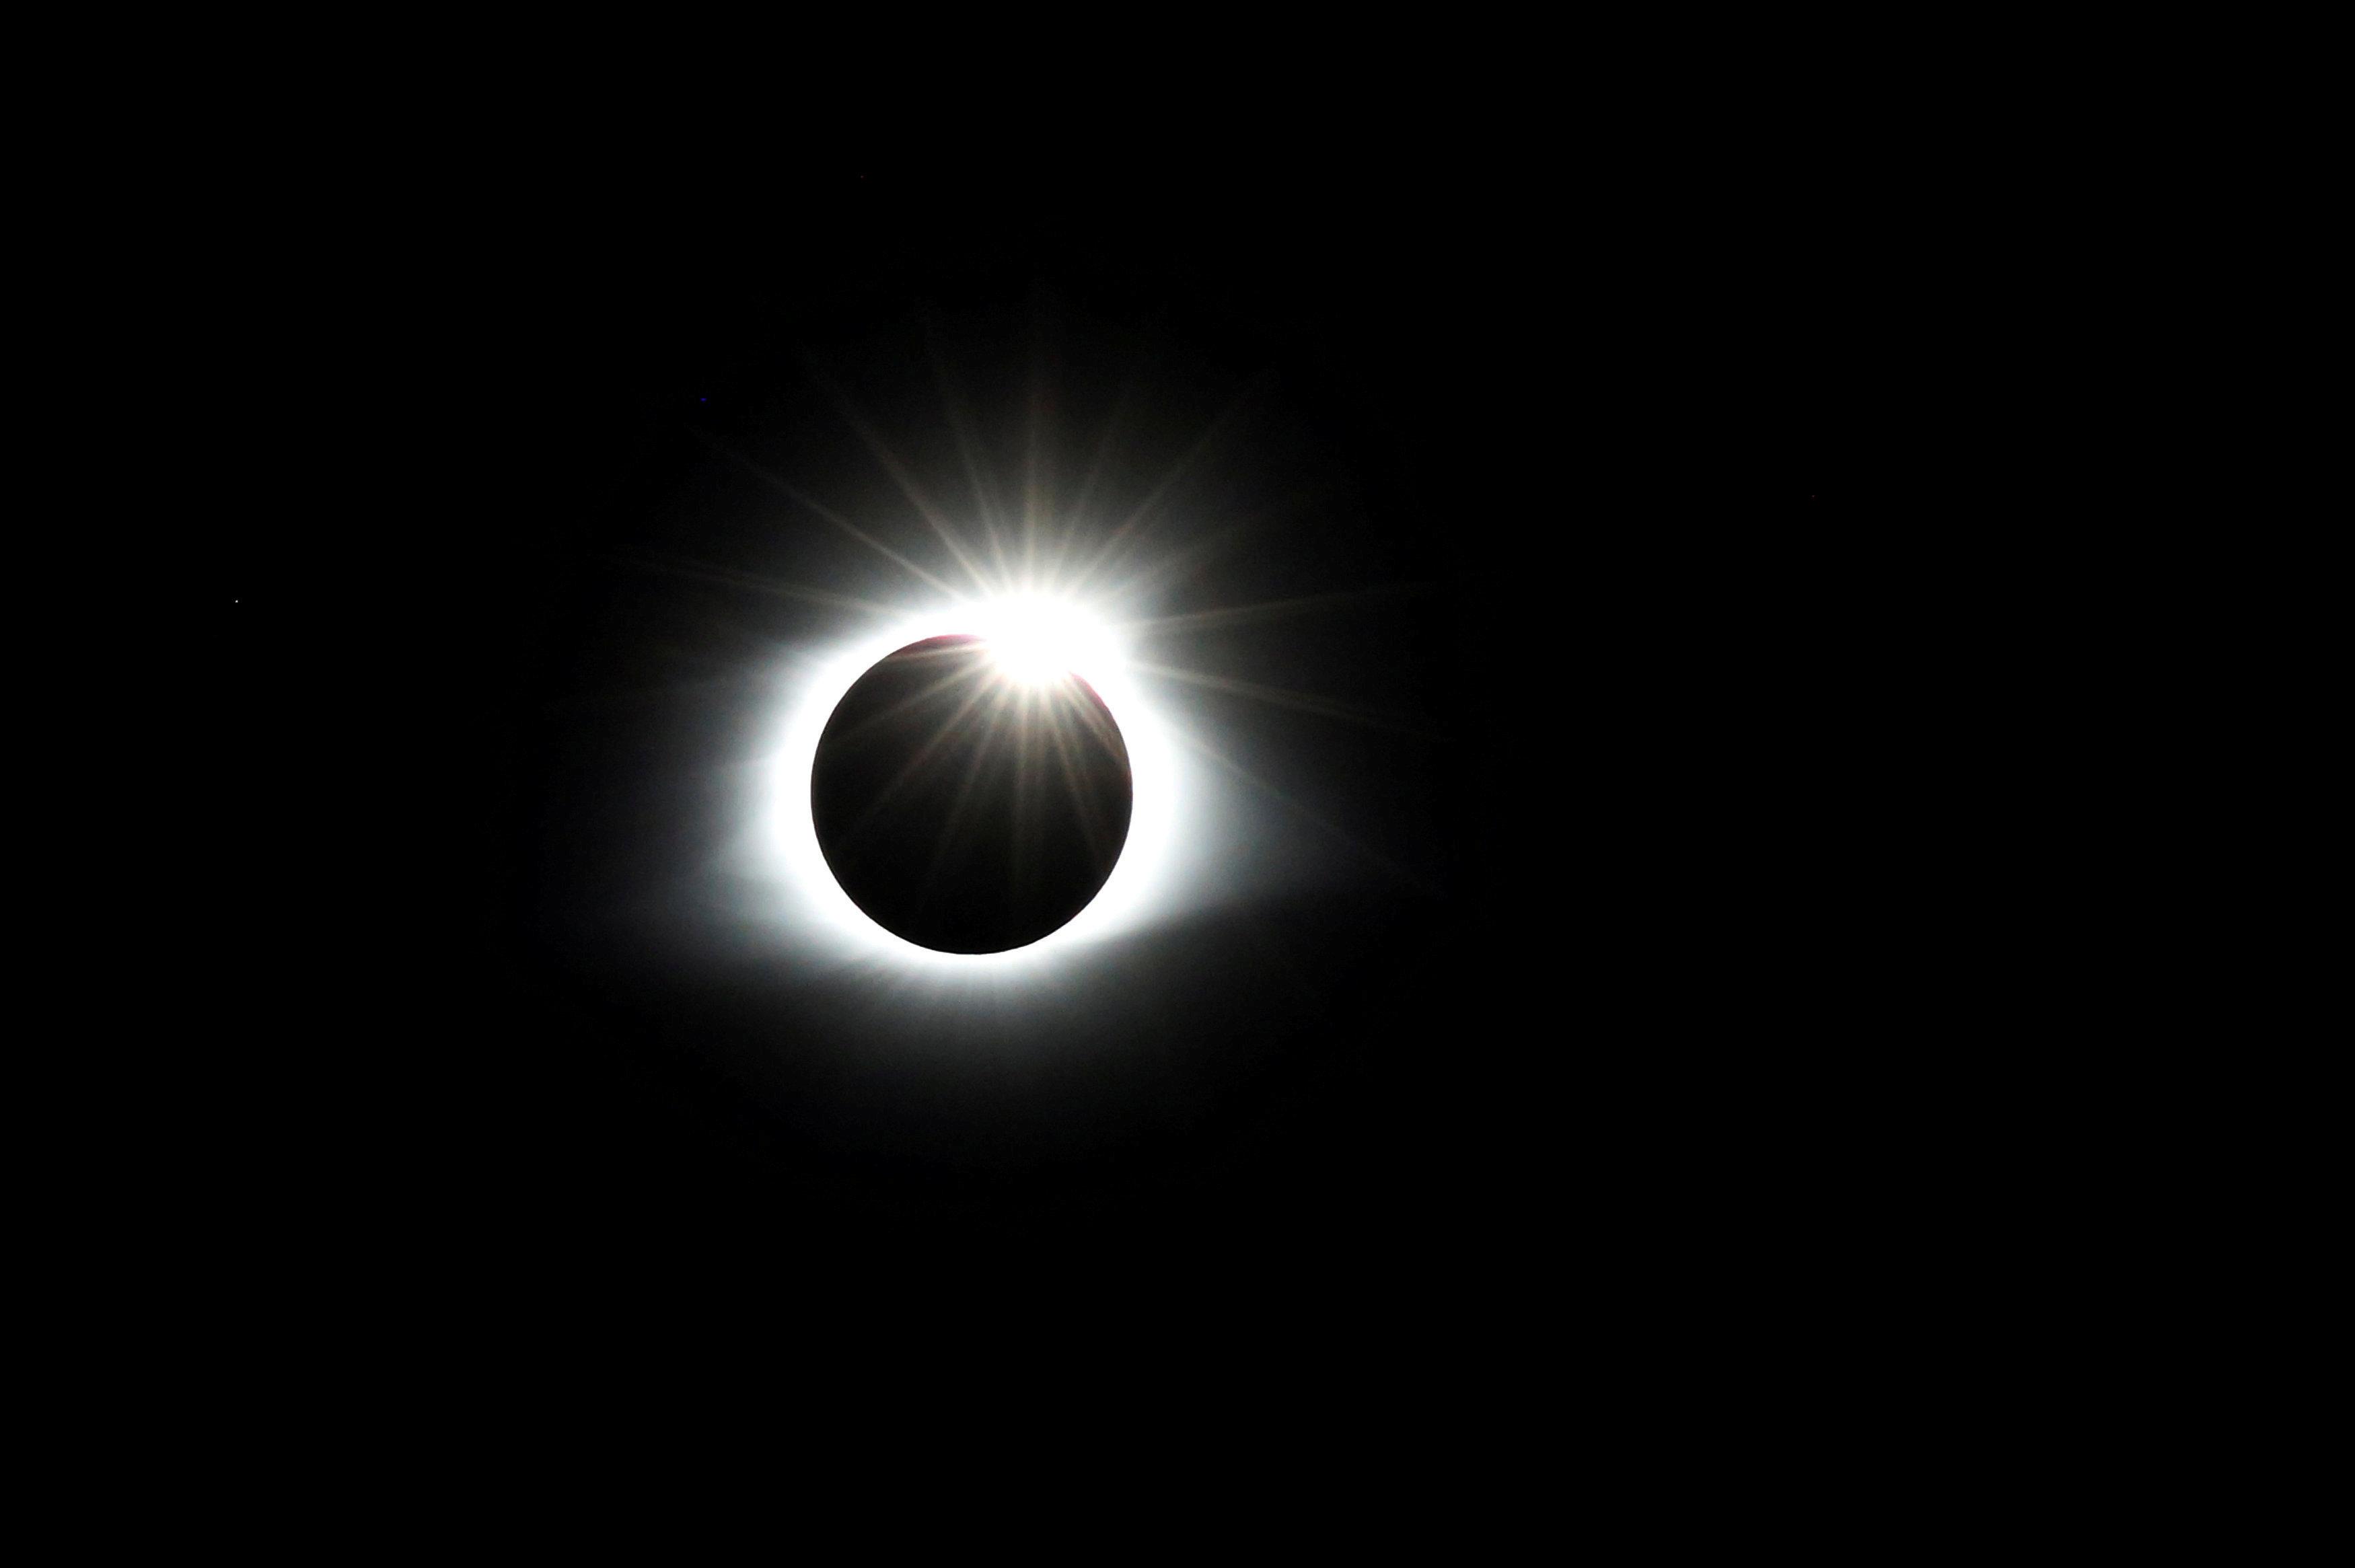 L'éclipse solaire totale du 21 août 2017